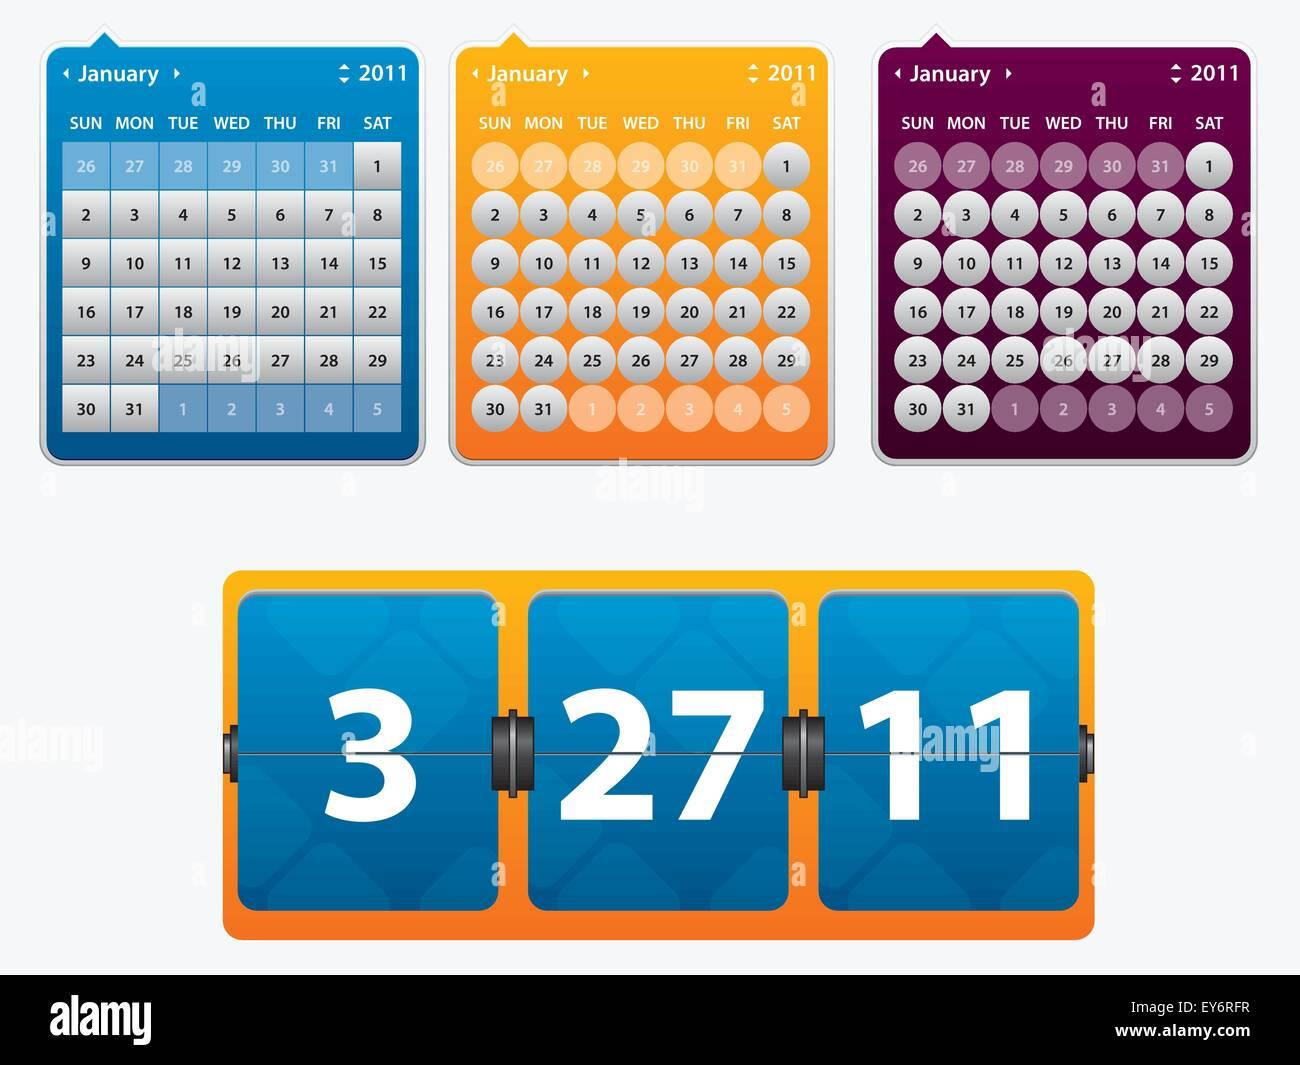 Calendario Per Sito Web.Illustrazione Del Calendario E Scheda Con Data Dell Anno Per